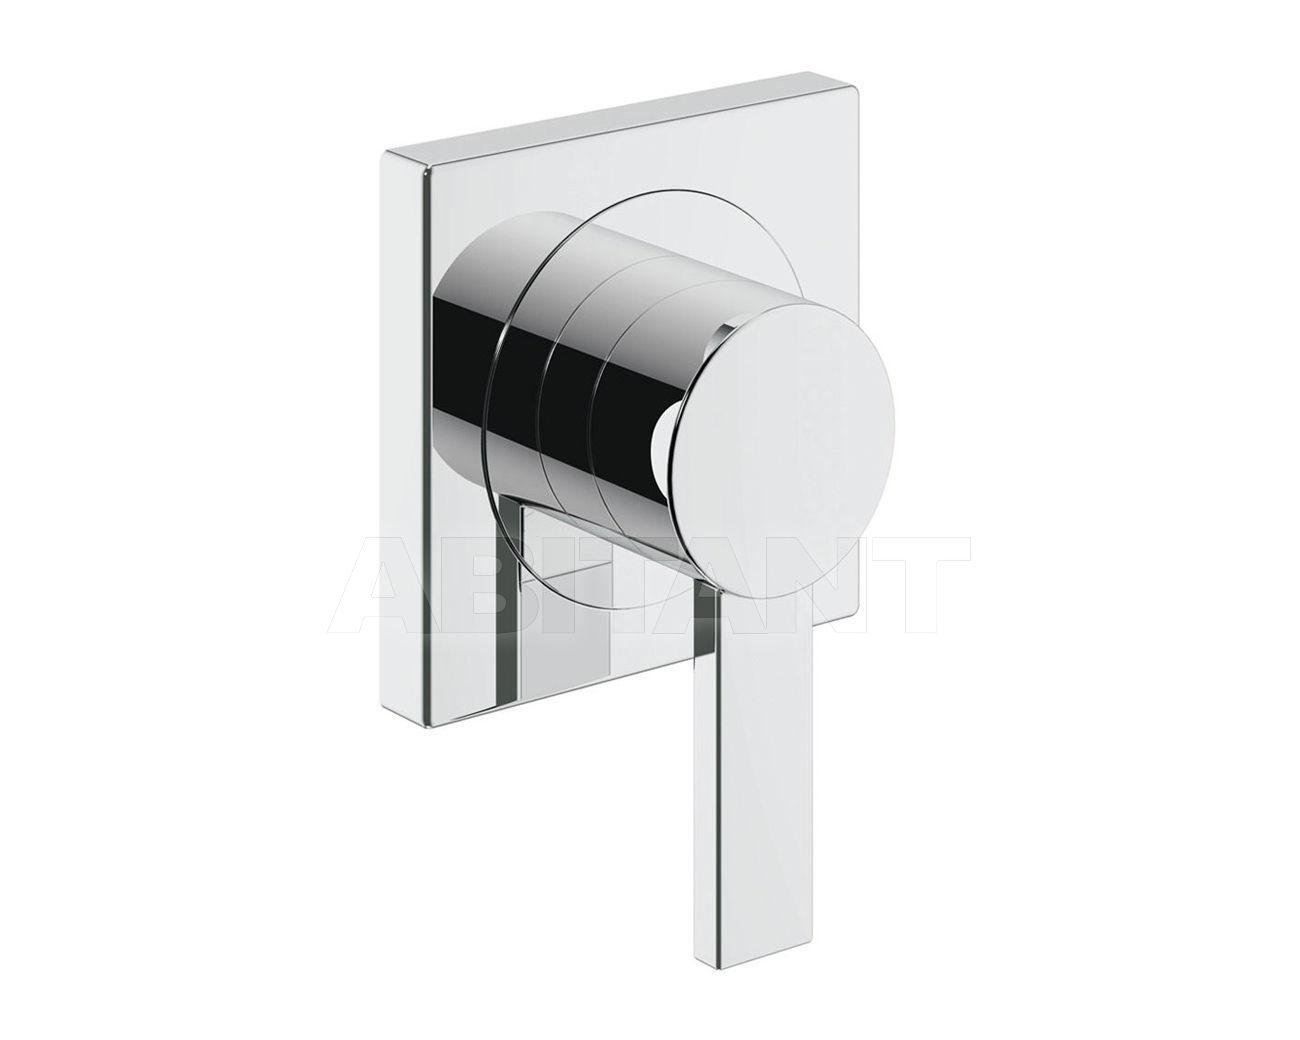 Купить Вентиль ALLURE Grohe 2012 19 384 000